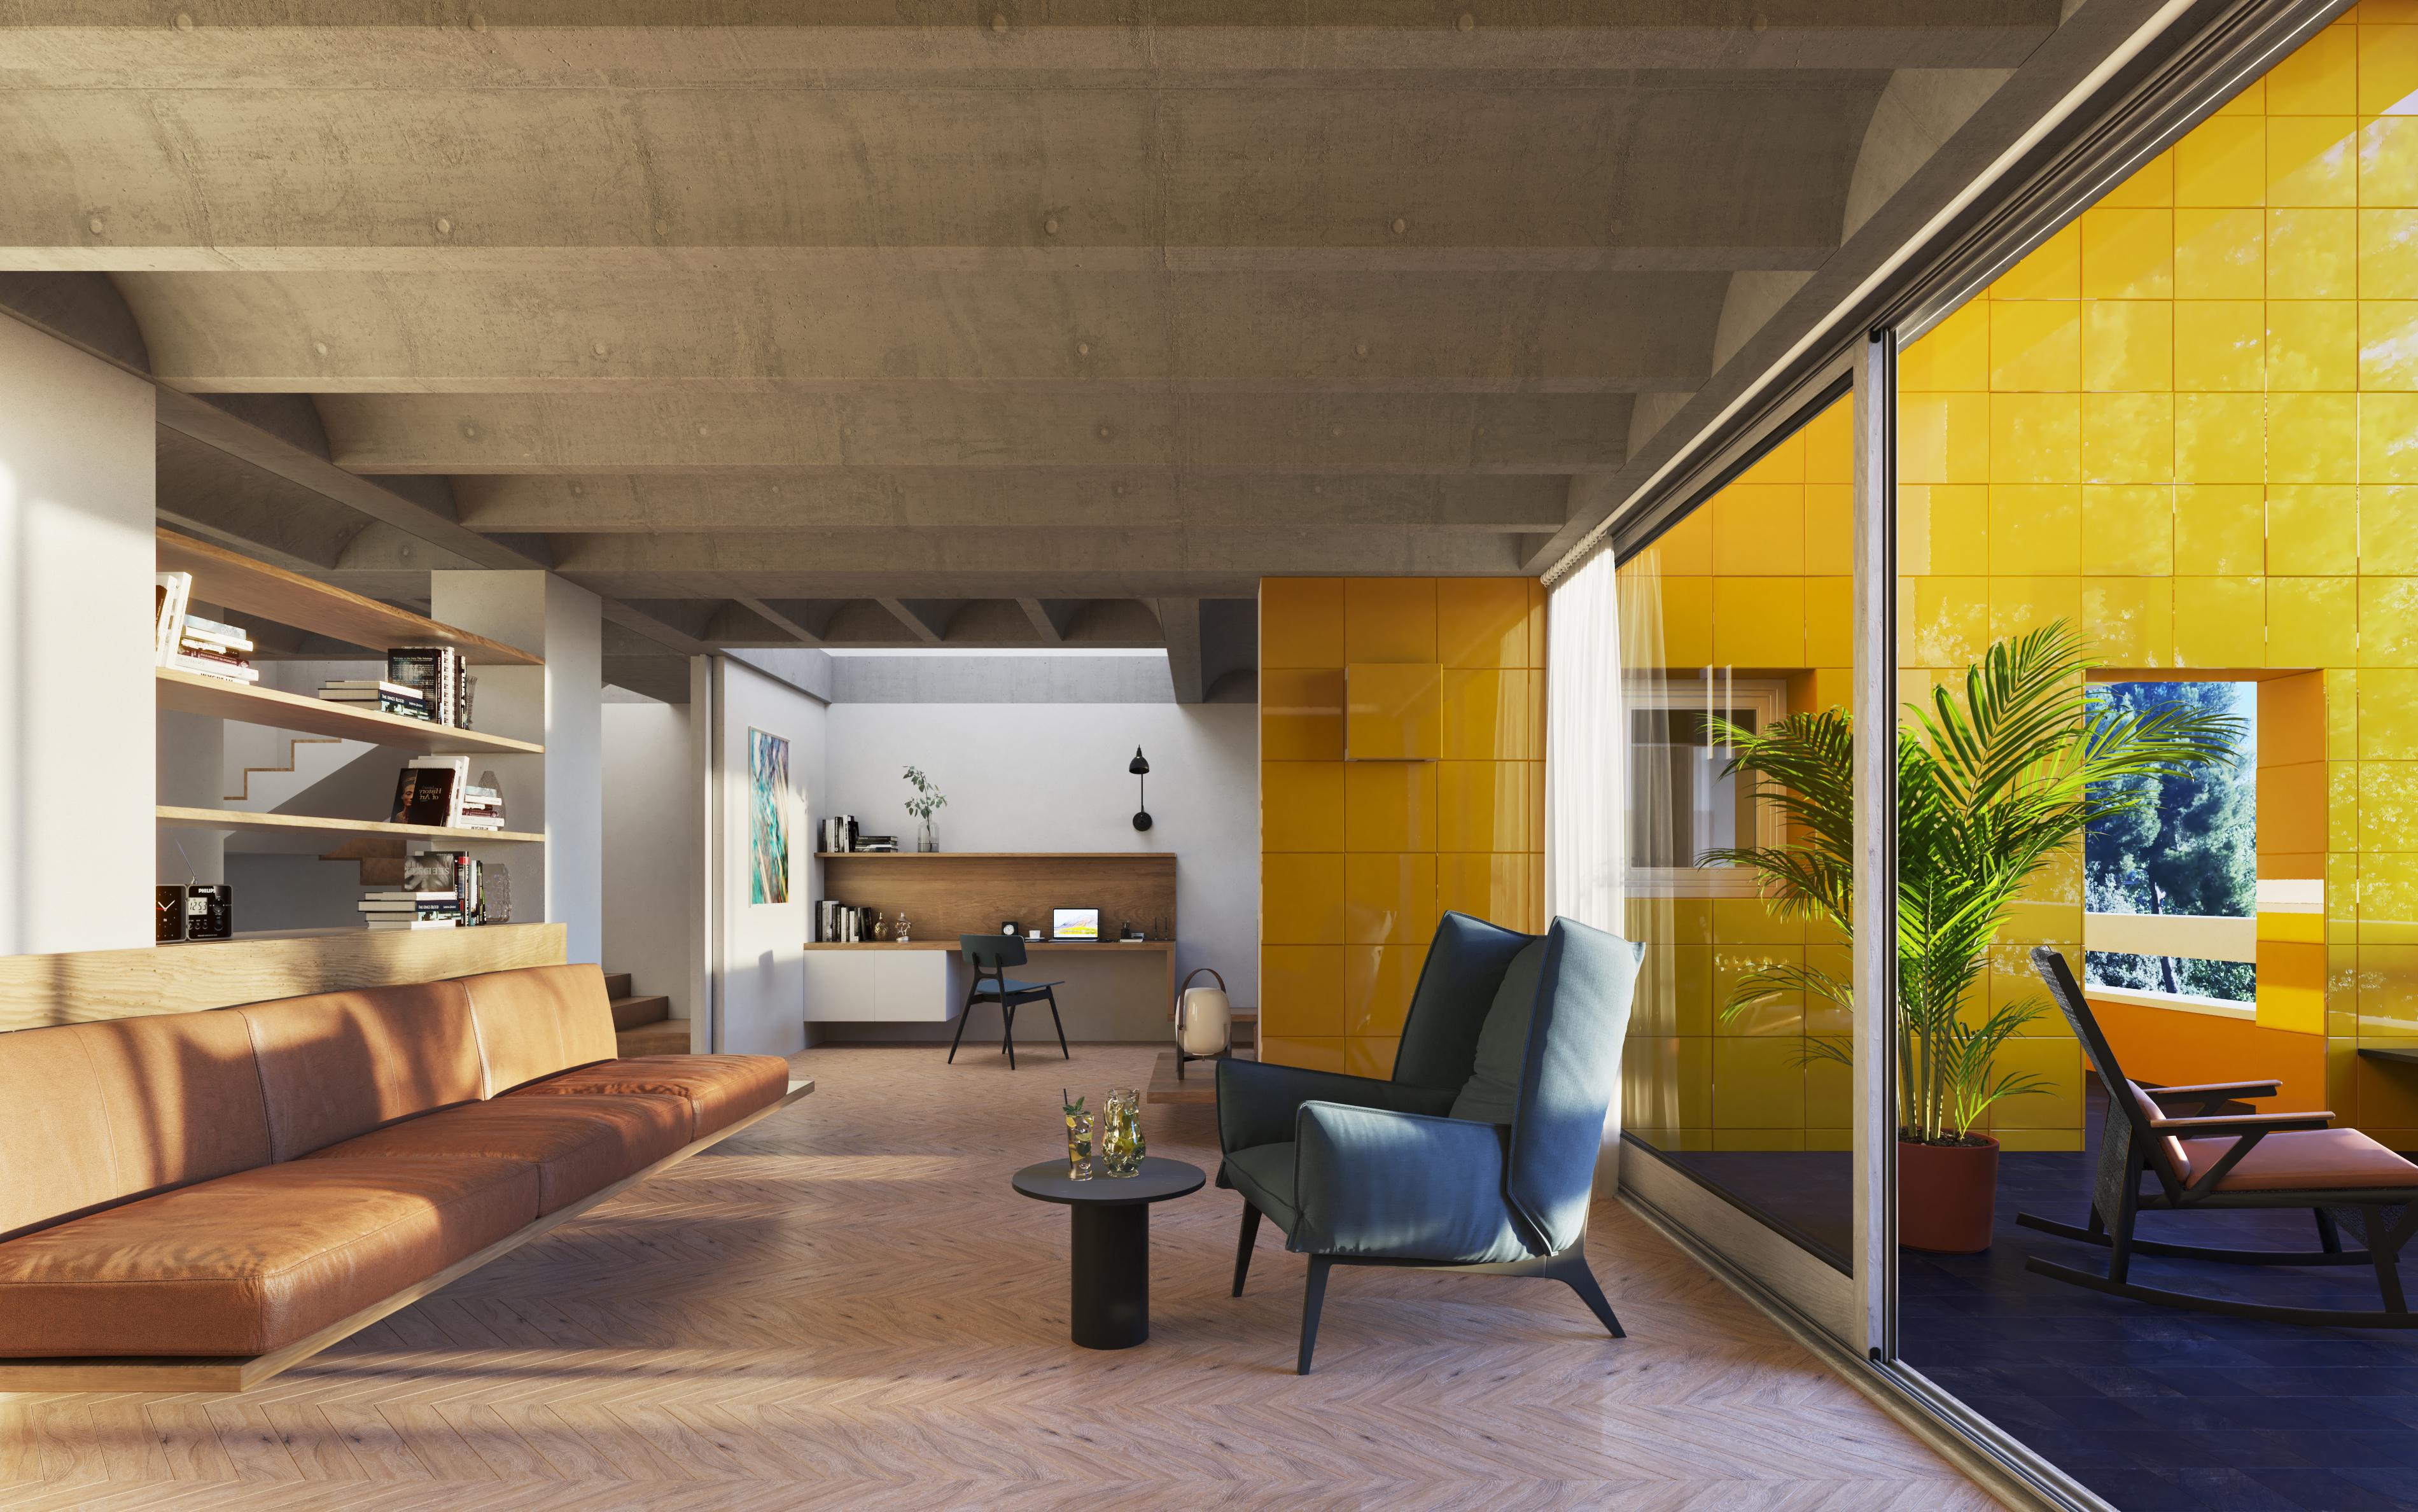 Diseño de Interiores en Barcelona: NOOK crea proyectos lujuosos diseño de interiores Diseño de Interiores en Barcelona: NOOK crea proyectos lujuosos 03 nook escalespark concept 1